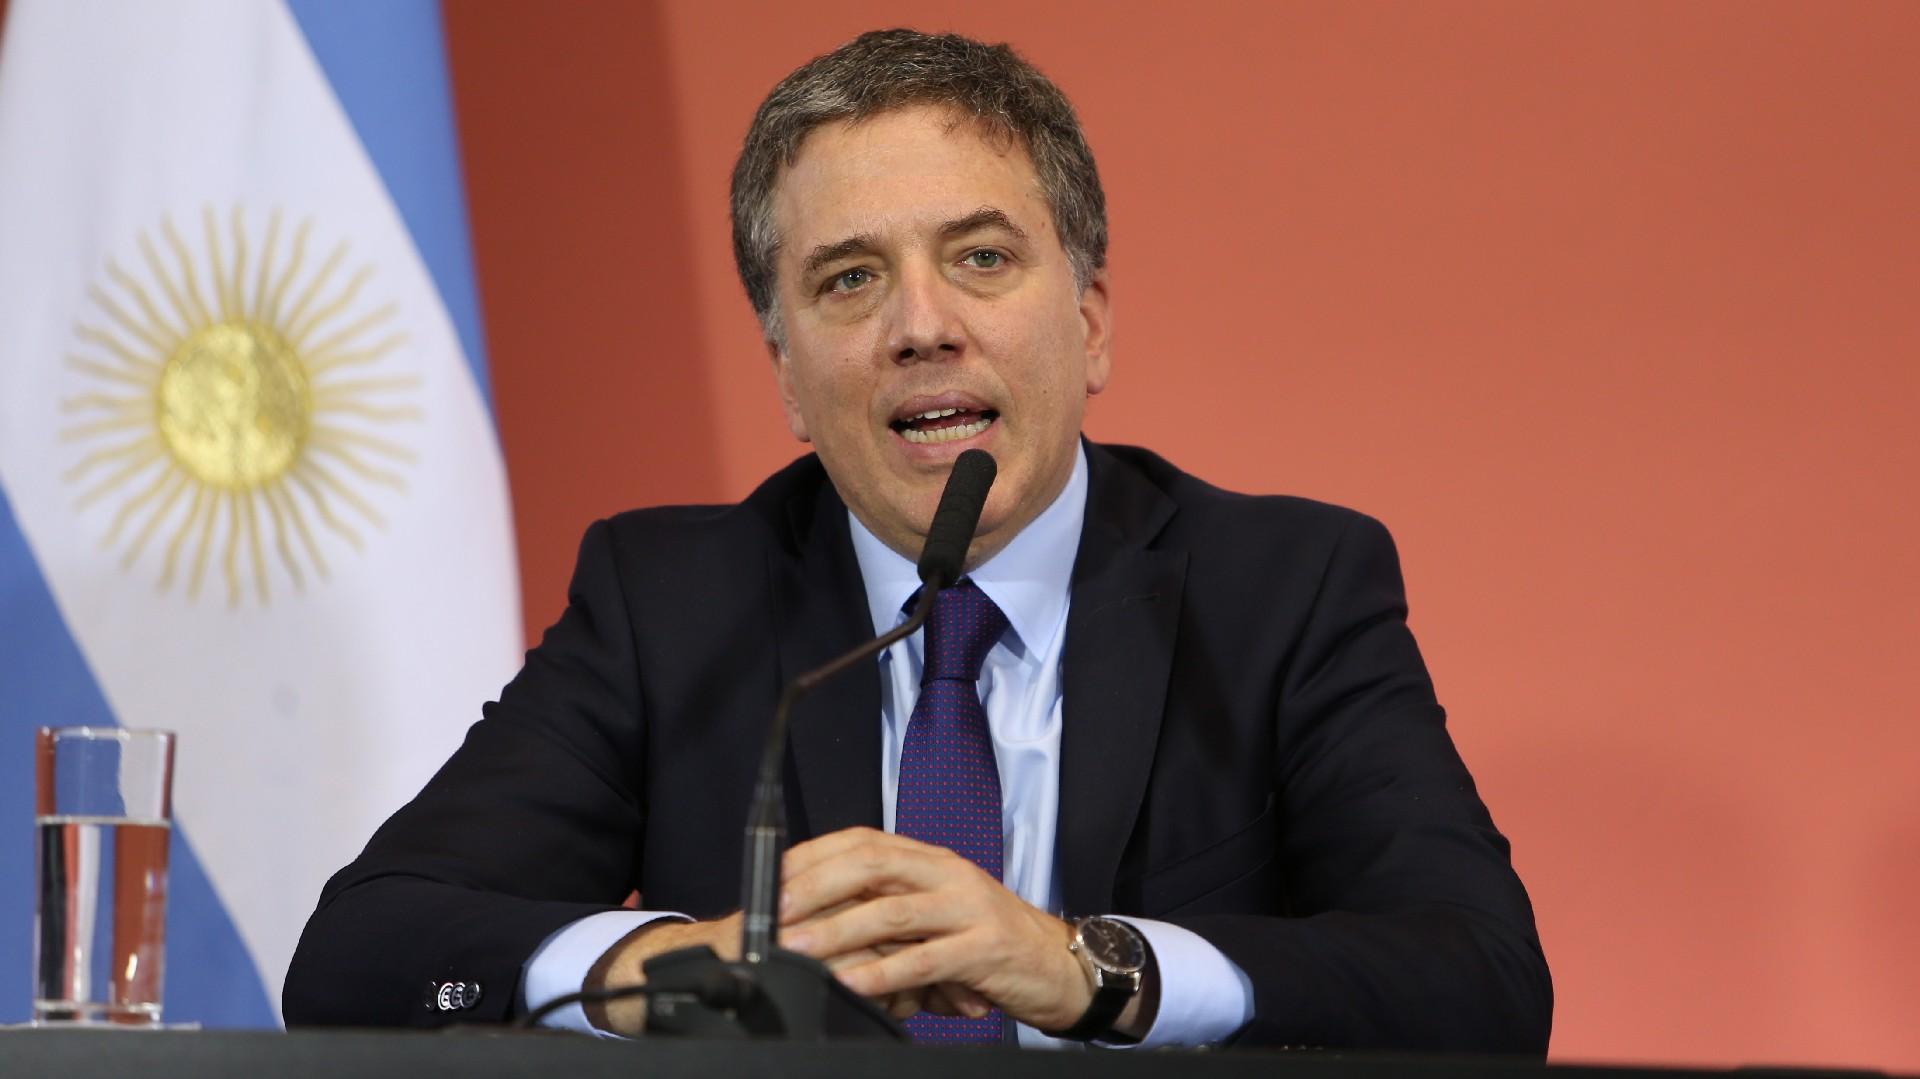 El ministro Nicolás Dujovne logra cumplir con la meta primaria, pero no logra dominar el resultado final por el costo del financiamiento (Nicolás Aboaf)